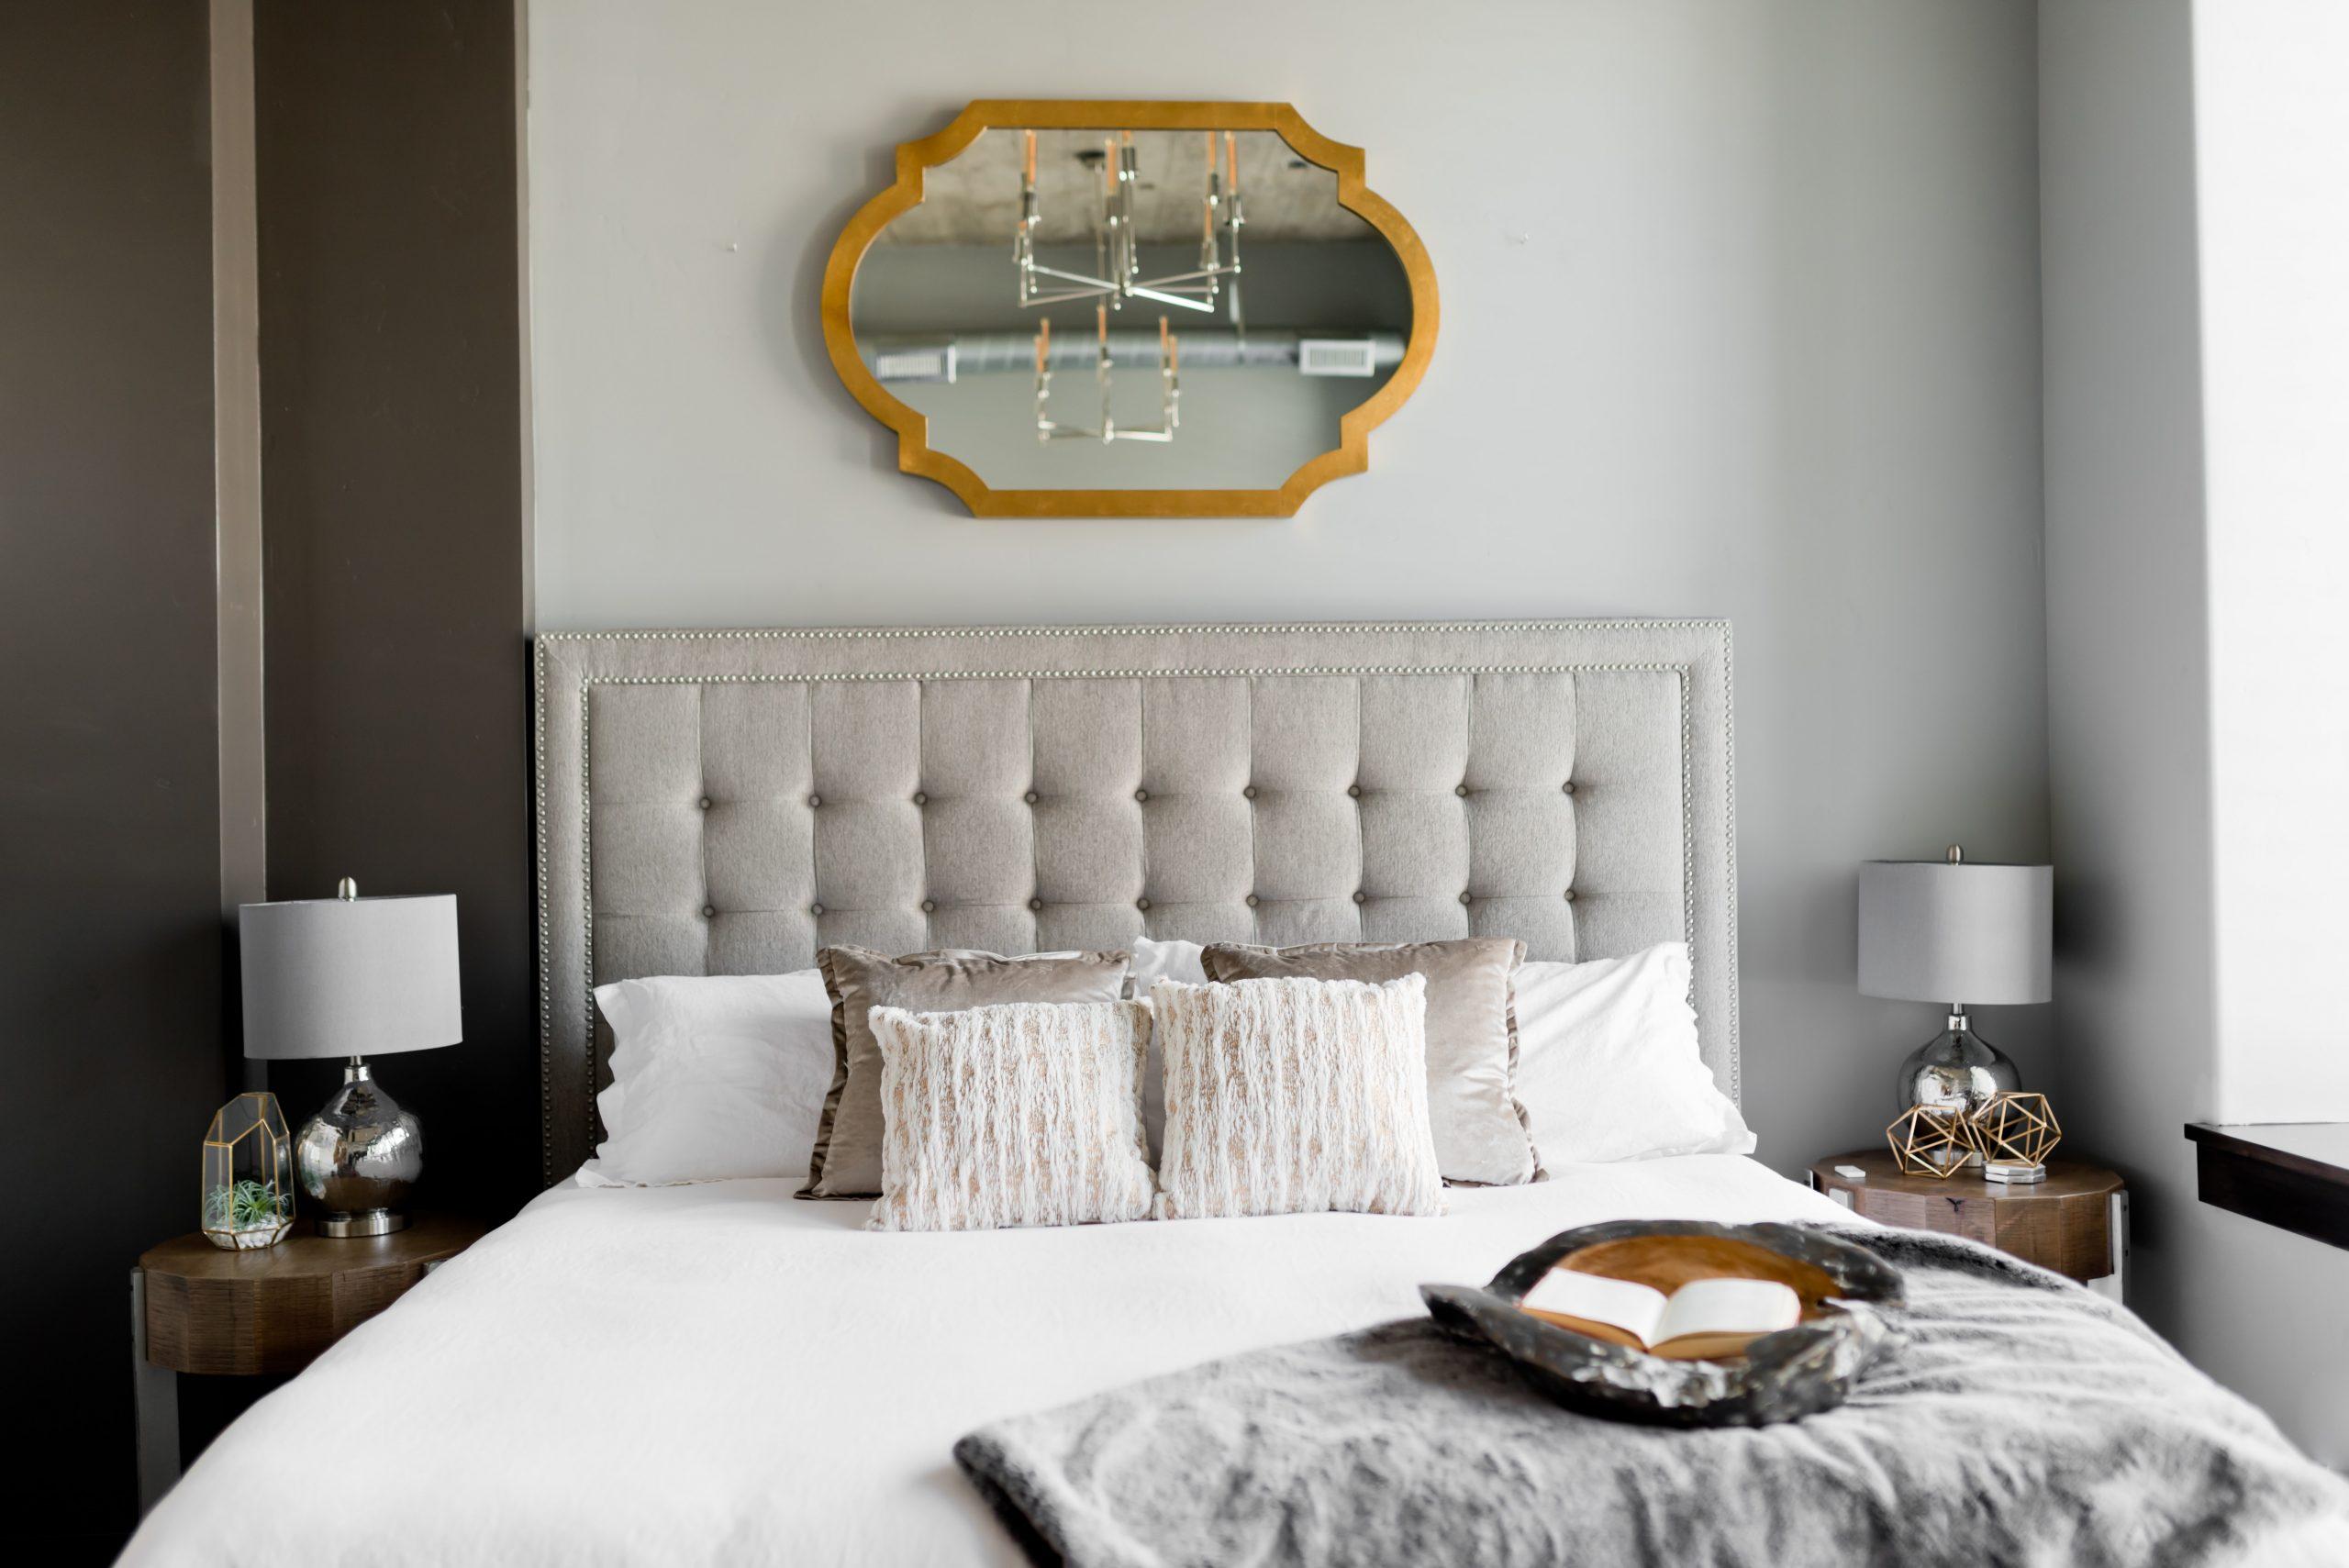 Qu'est-ce qu'une conciergerie airbnb? 1